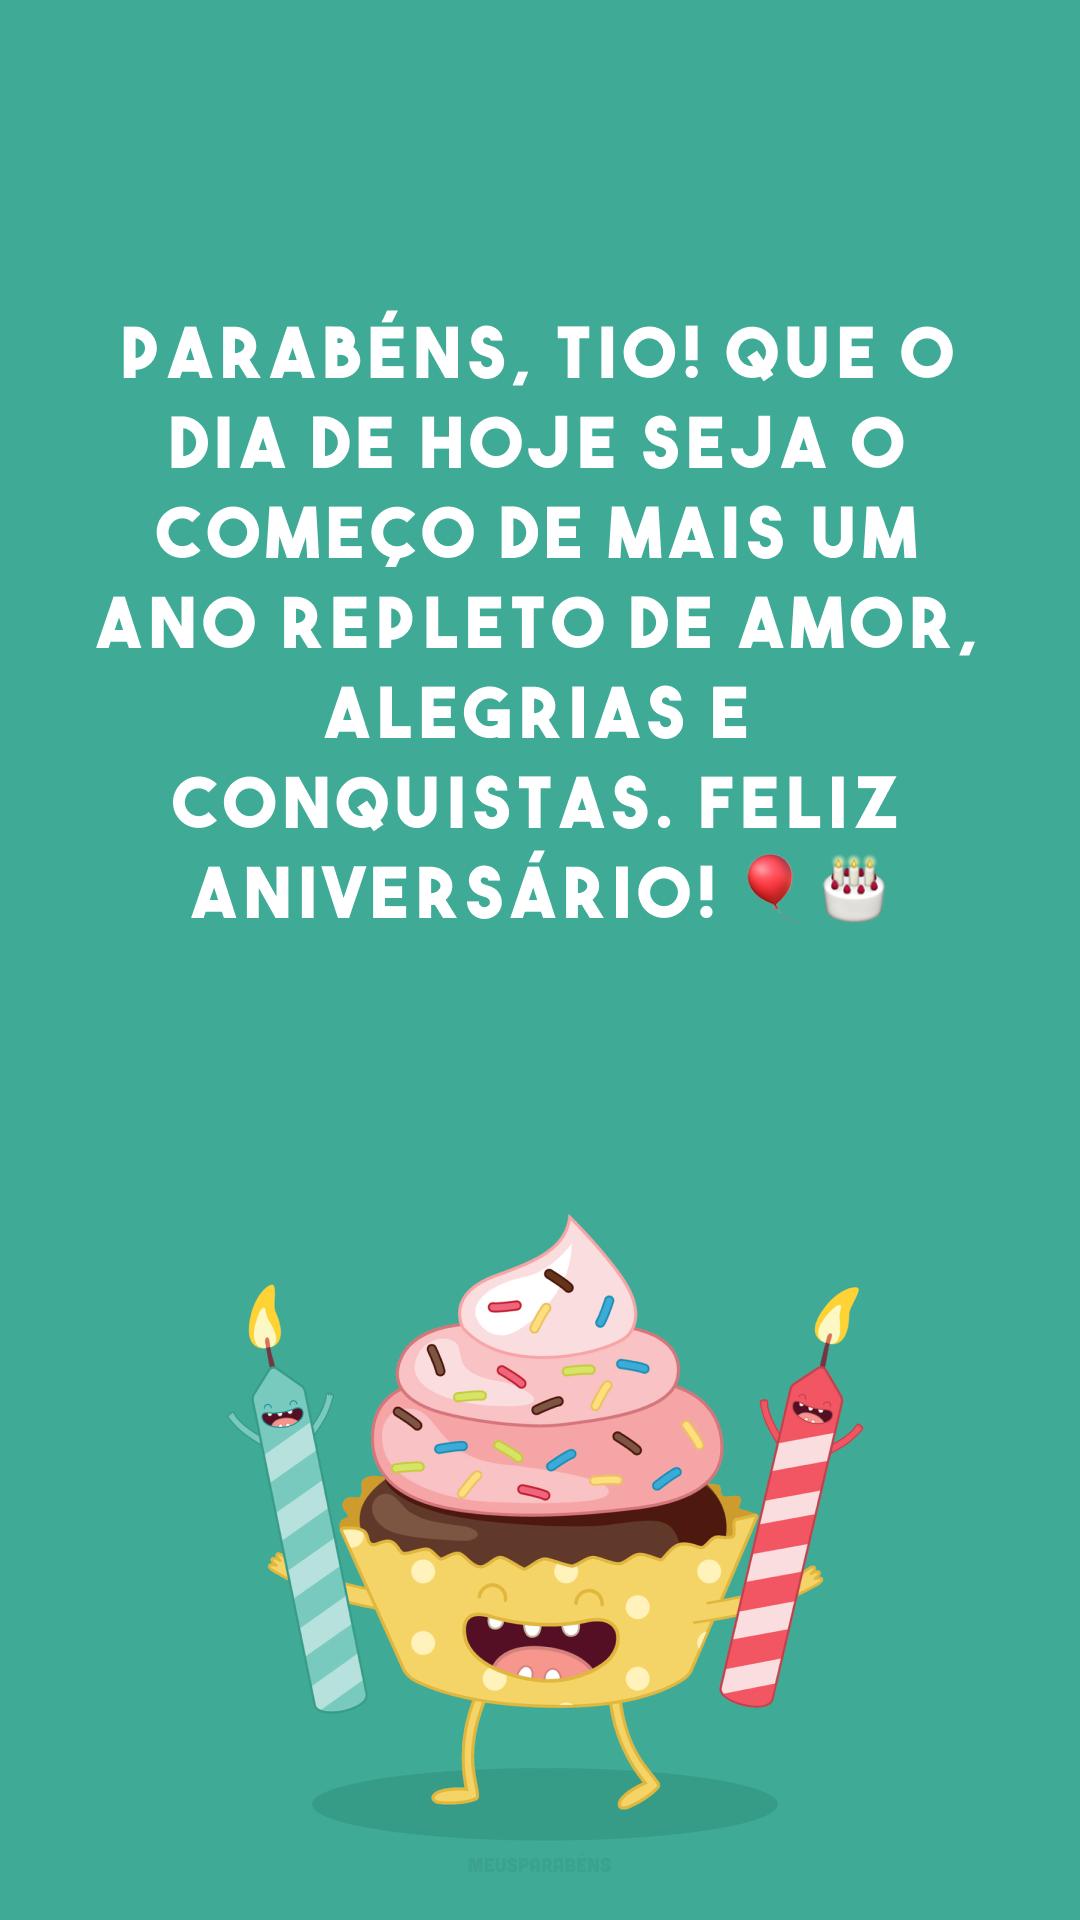 Parabéns, tio! Que o dia de hoje seja o começo de mais um ano repleto de amor, alegrias e conquistas. Feliz aniversário! 🎈🎂